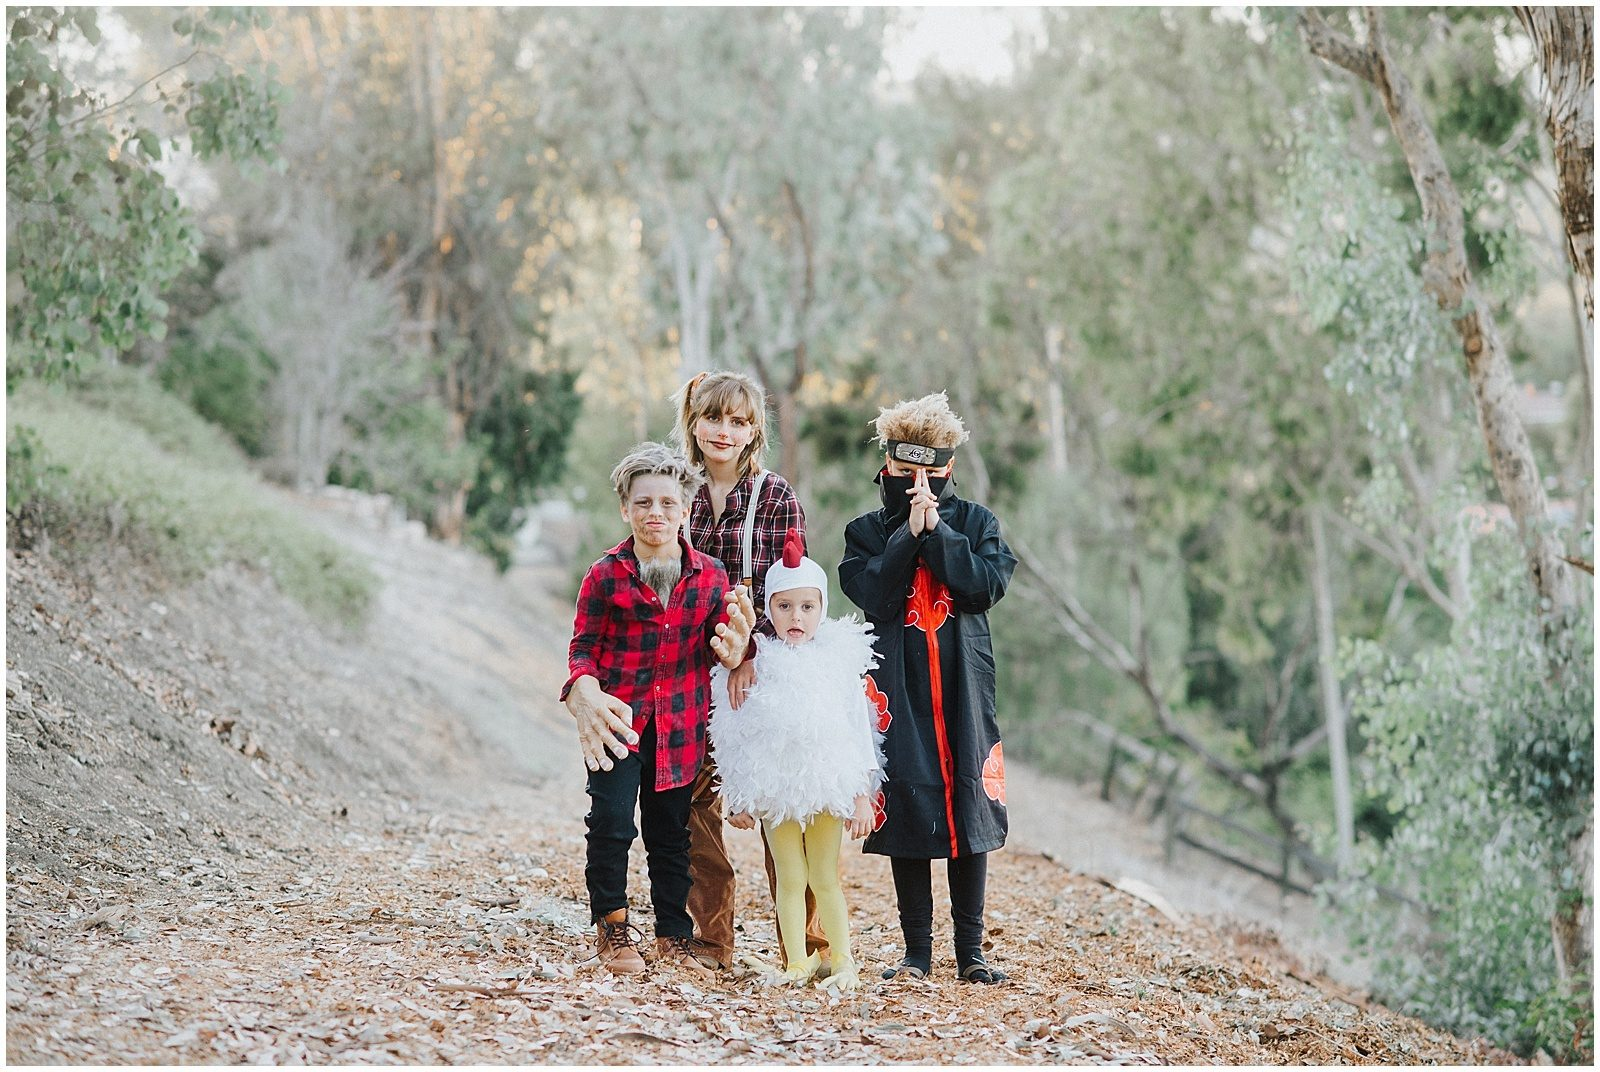 Orange County Family Photographer Halloween Costumes 0256